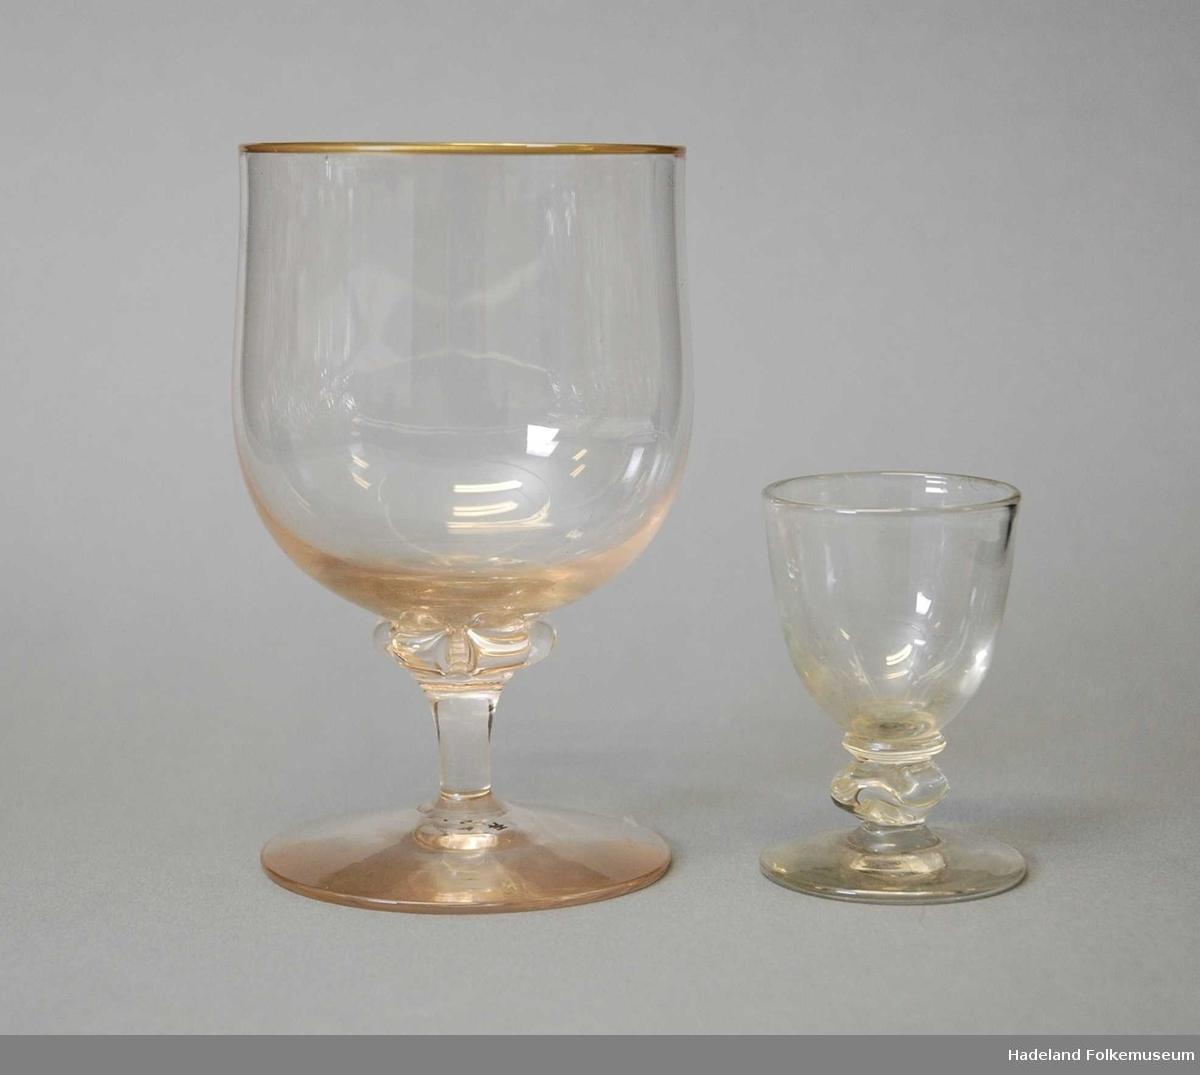 To ulike modeller. Vulsten er formet ulikt. A har misfarving (orange). a: Rødvin/øl b: Dram/Likør.